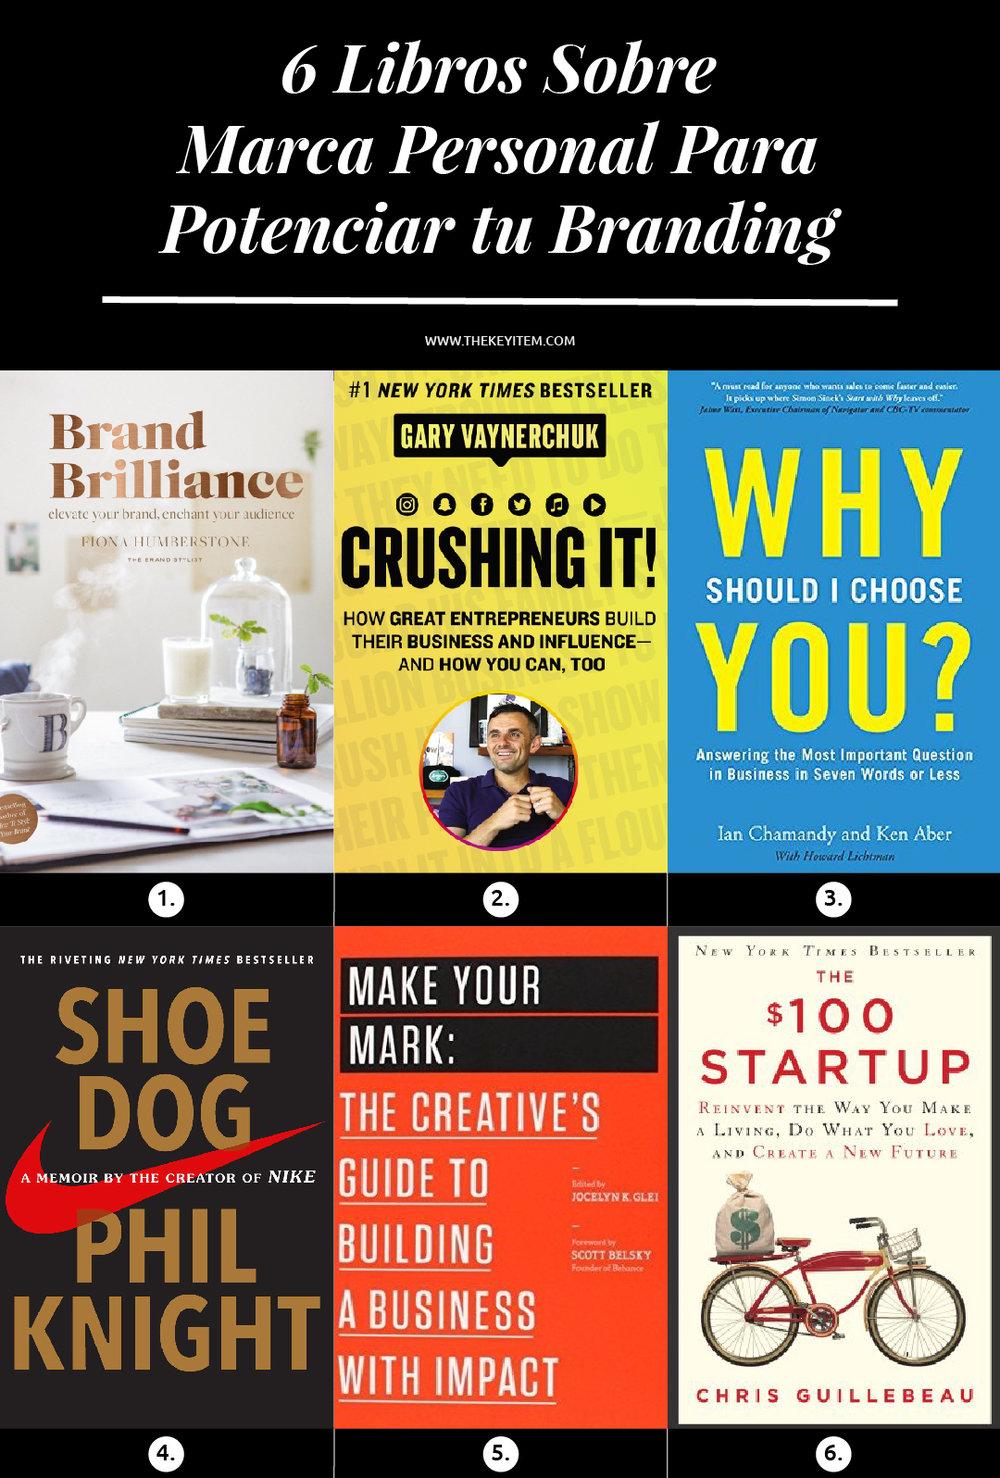 Estos libros sobre marca personal te ayudarán a entender quién eres como marca, cuál es tu mensaje y qué debes hacer para diferenciarte de los demás